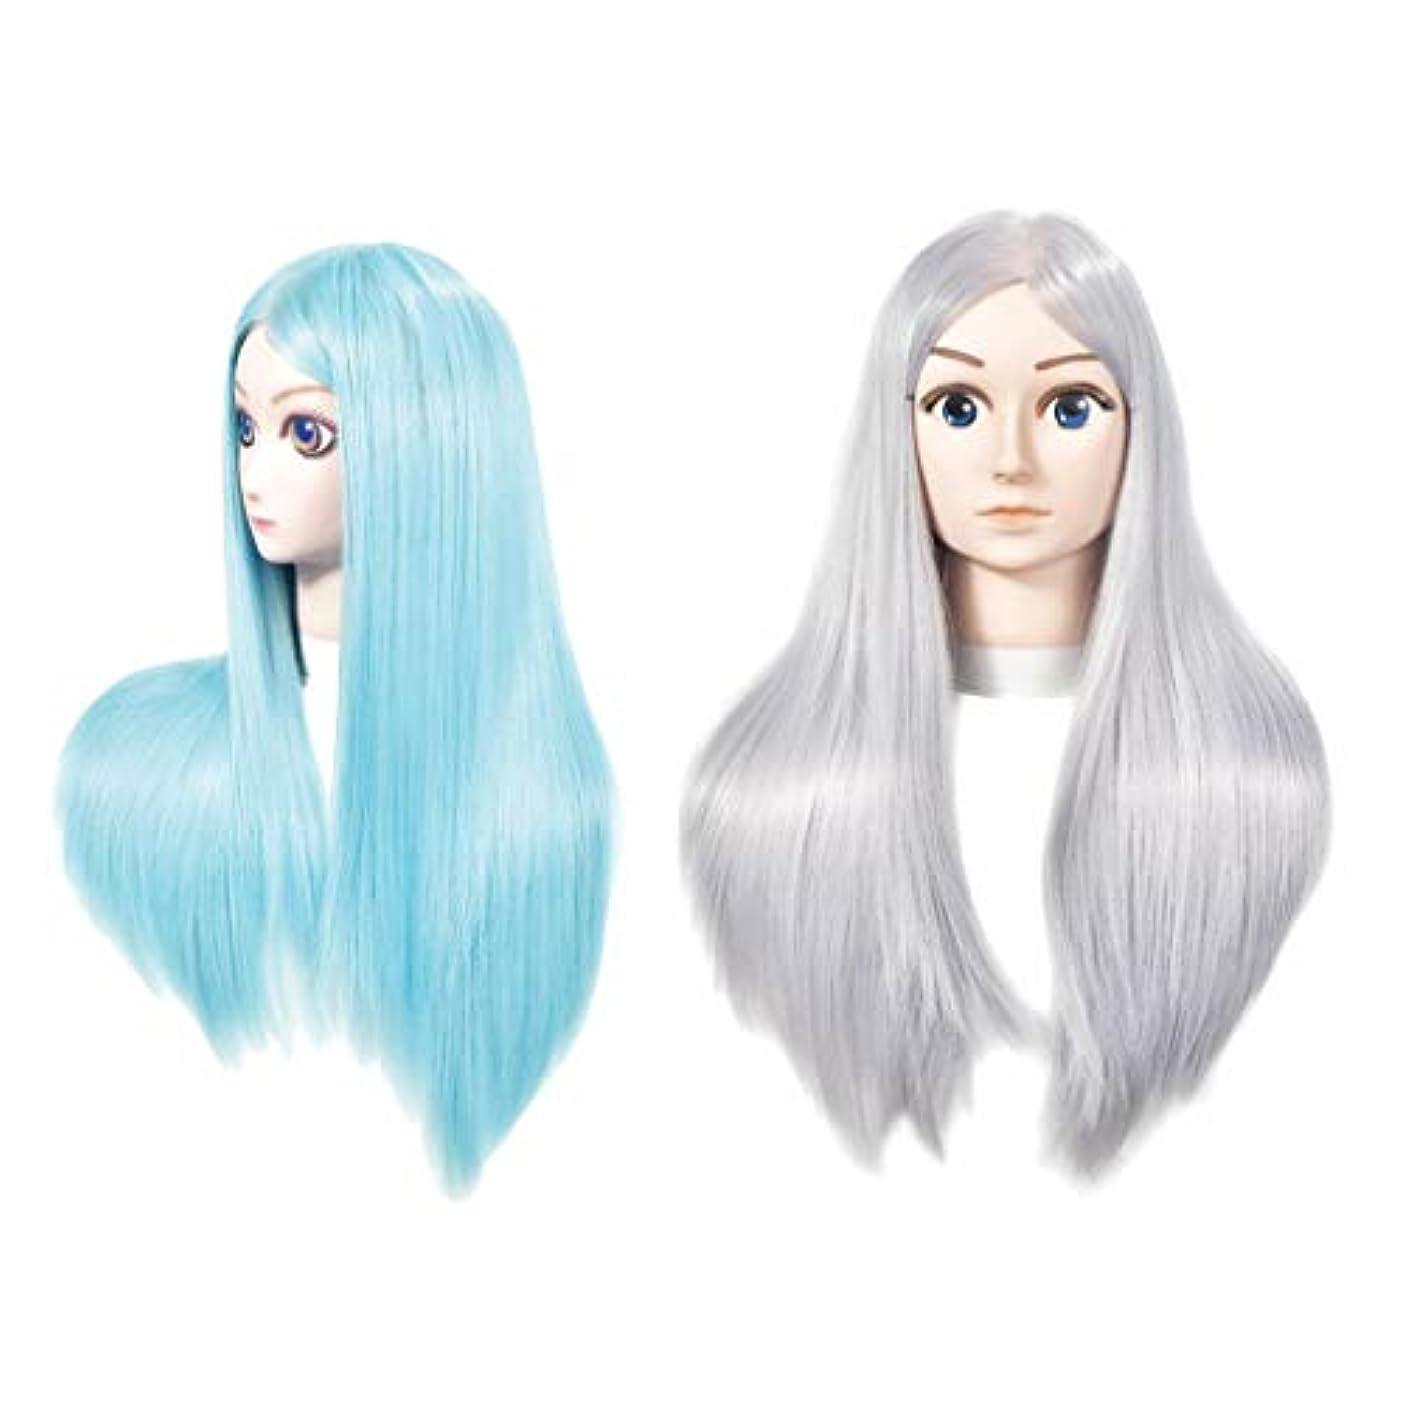 論理的にレンチレイアSharplace マネキンヘッド ウィッグ マネキンヘッドモデル トレーニング スタイリスト 理髪サロン 理髪店 理髪師